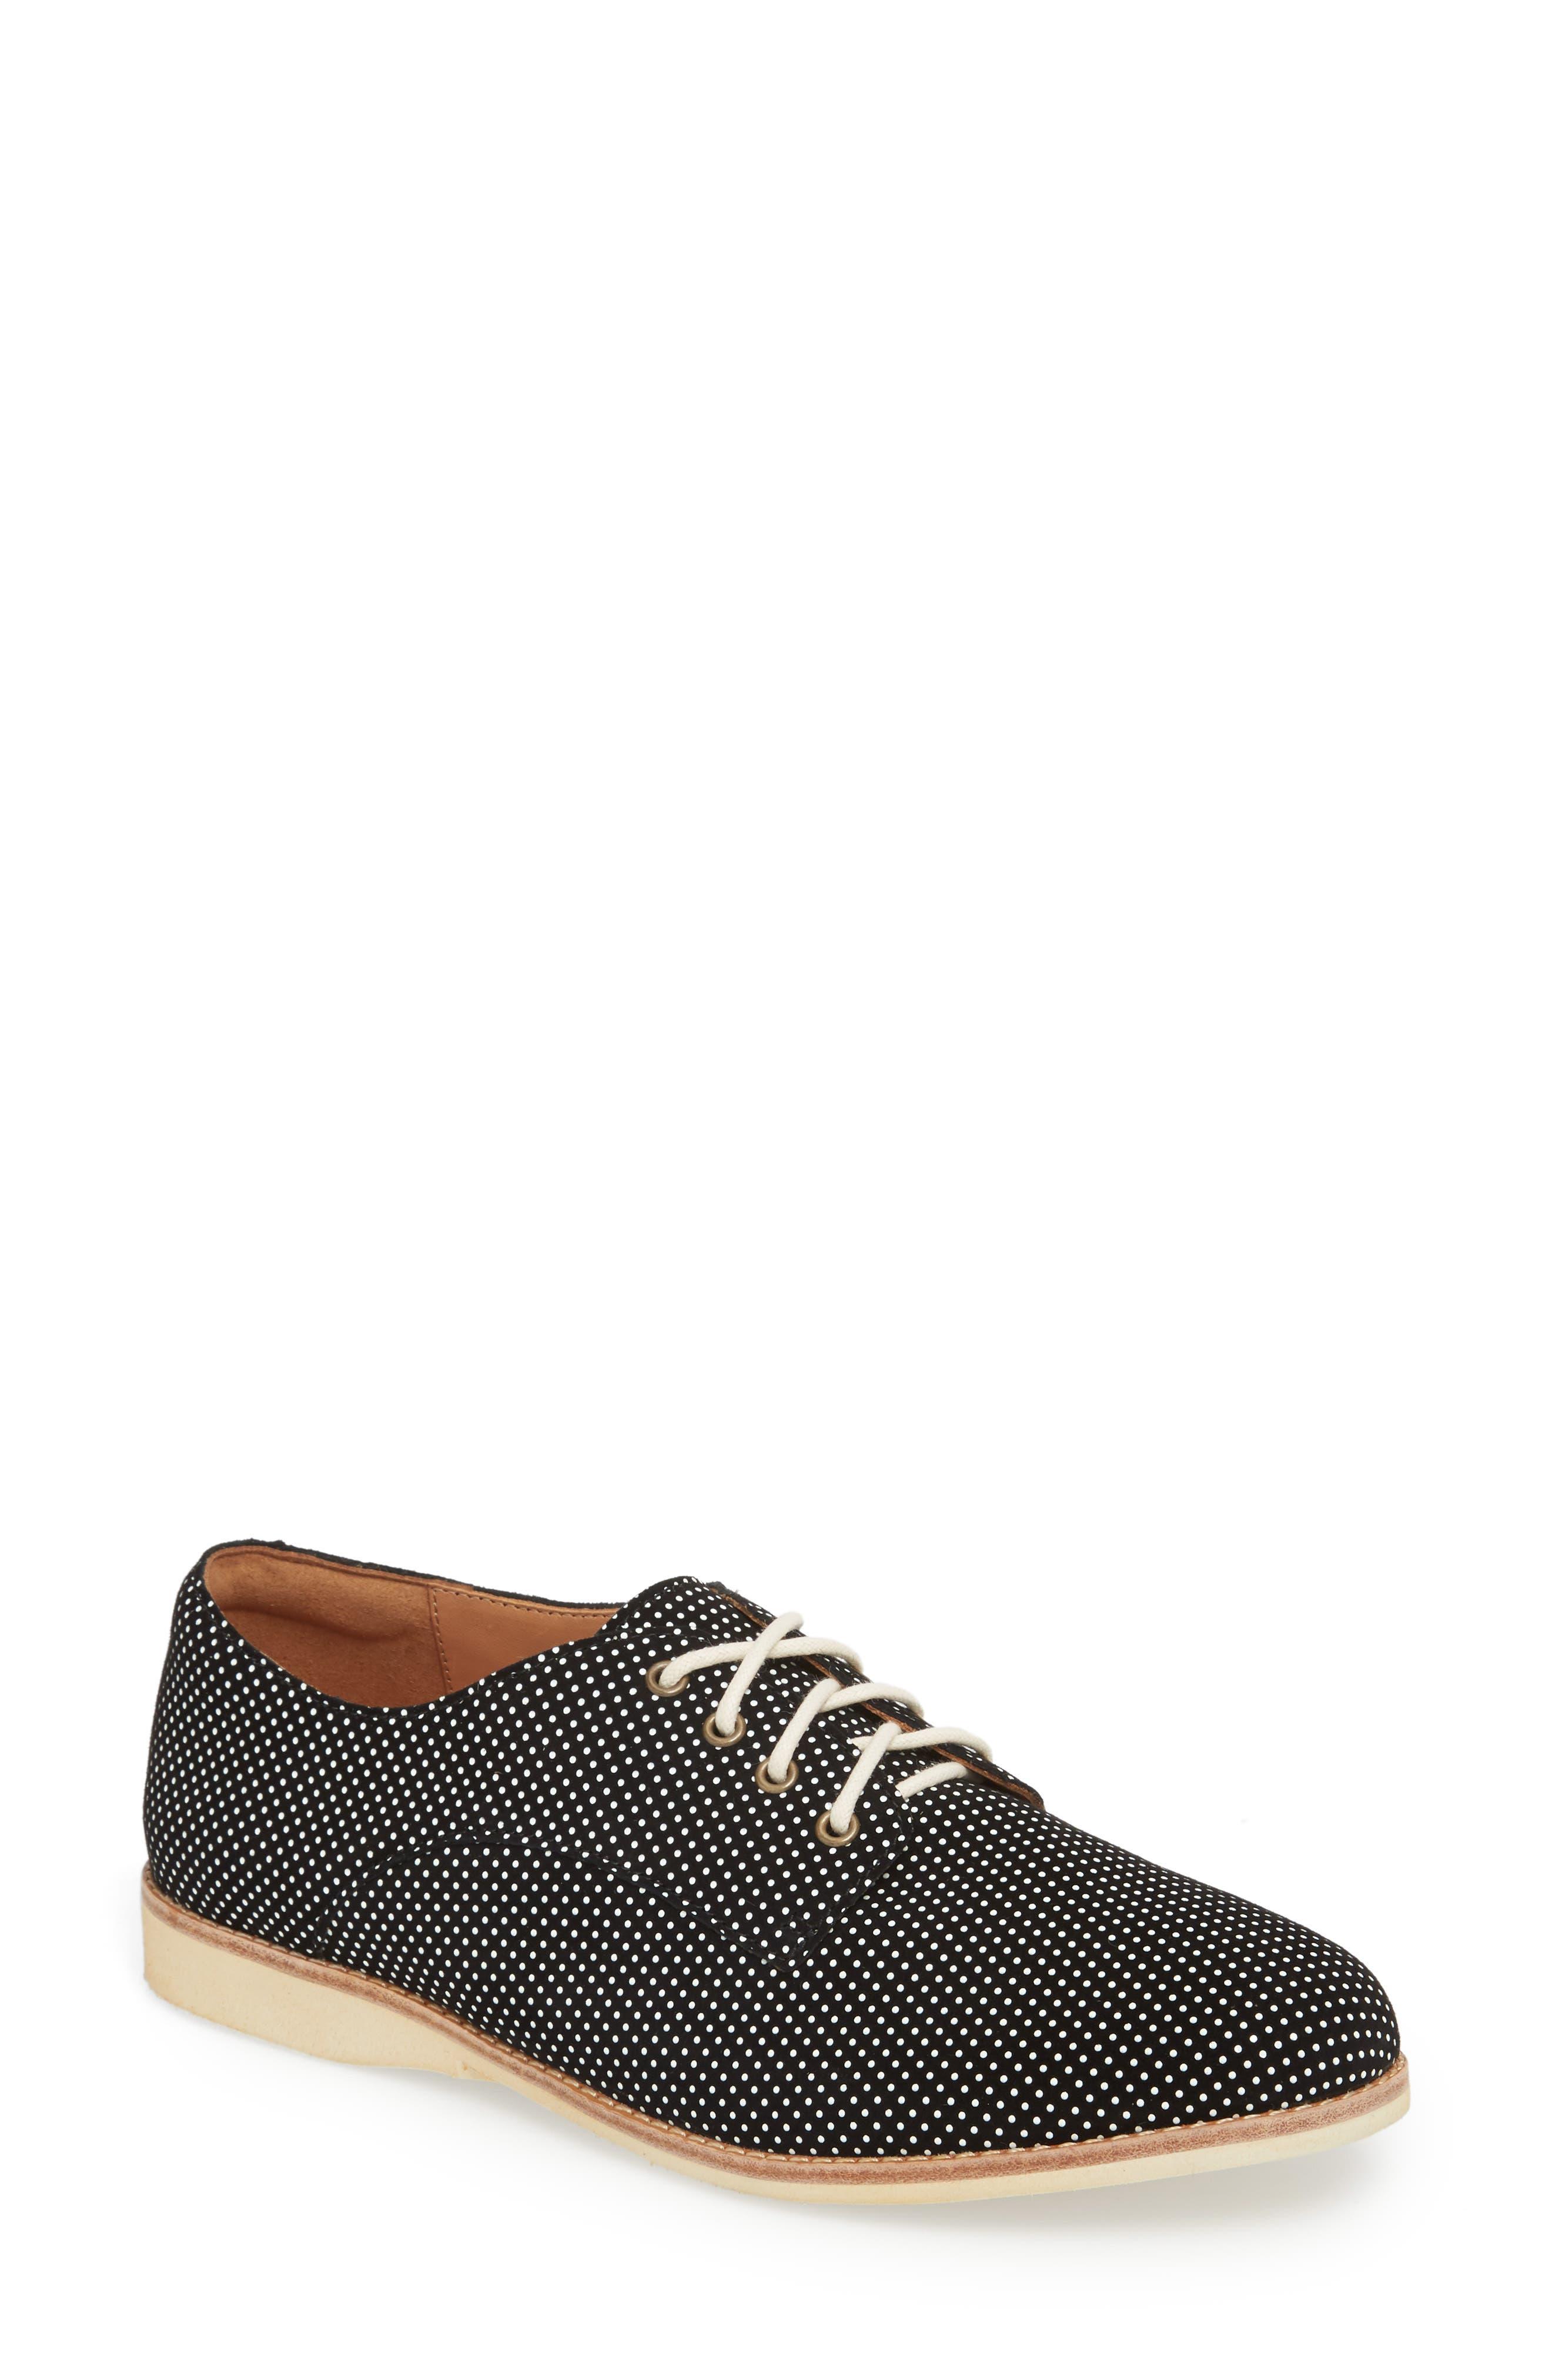 0a4c329e854 Women s Rollie Shoes